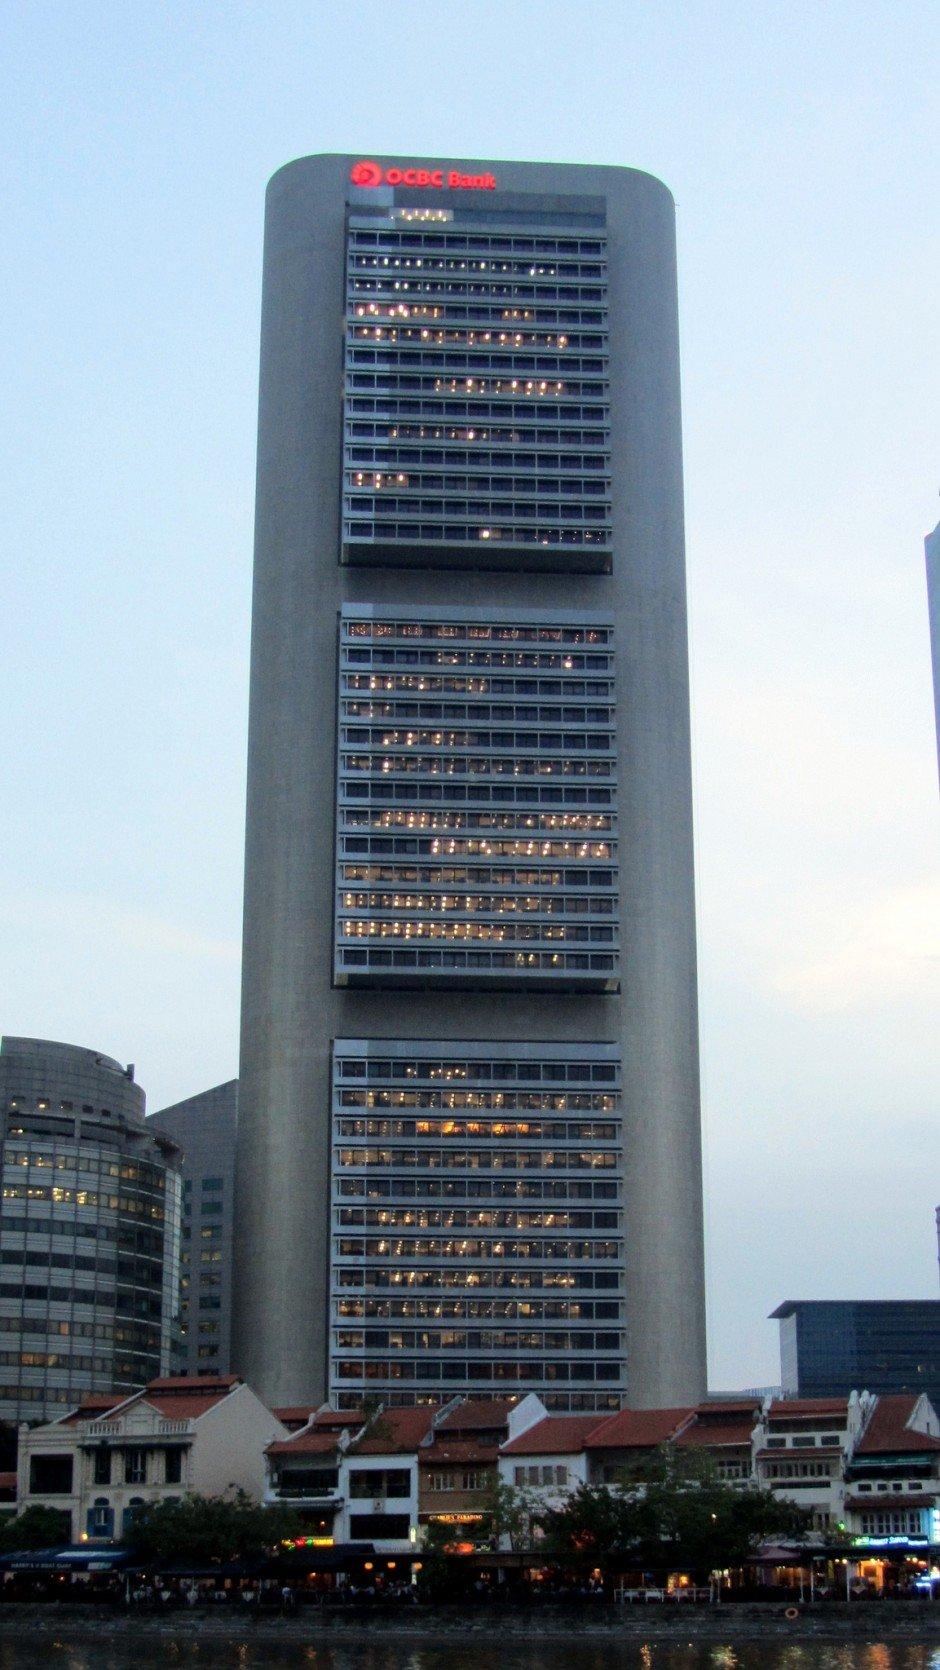 OCBC Center, Singapore